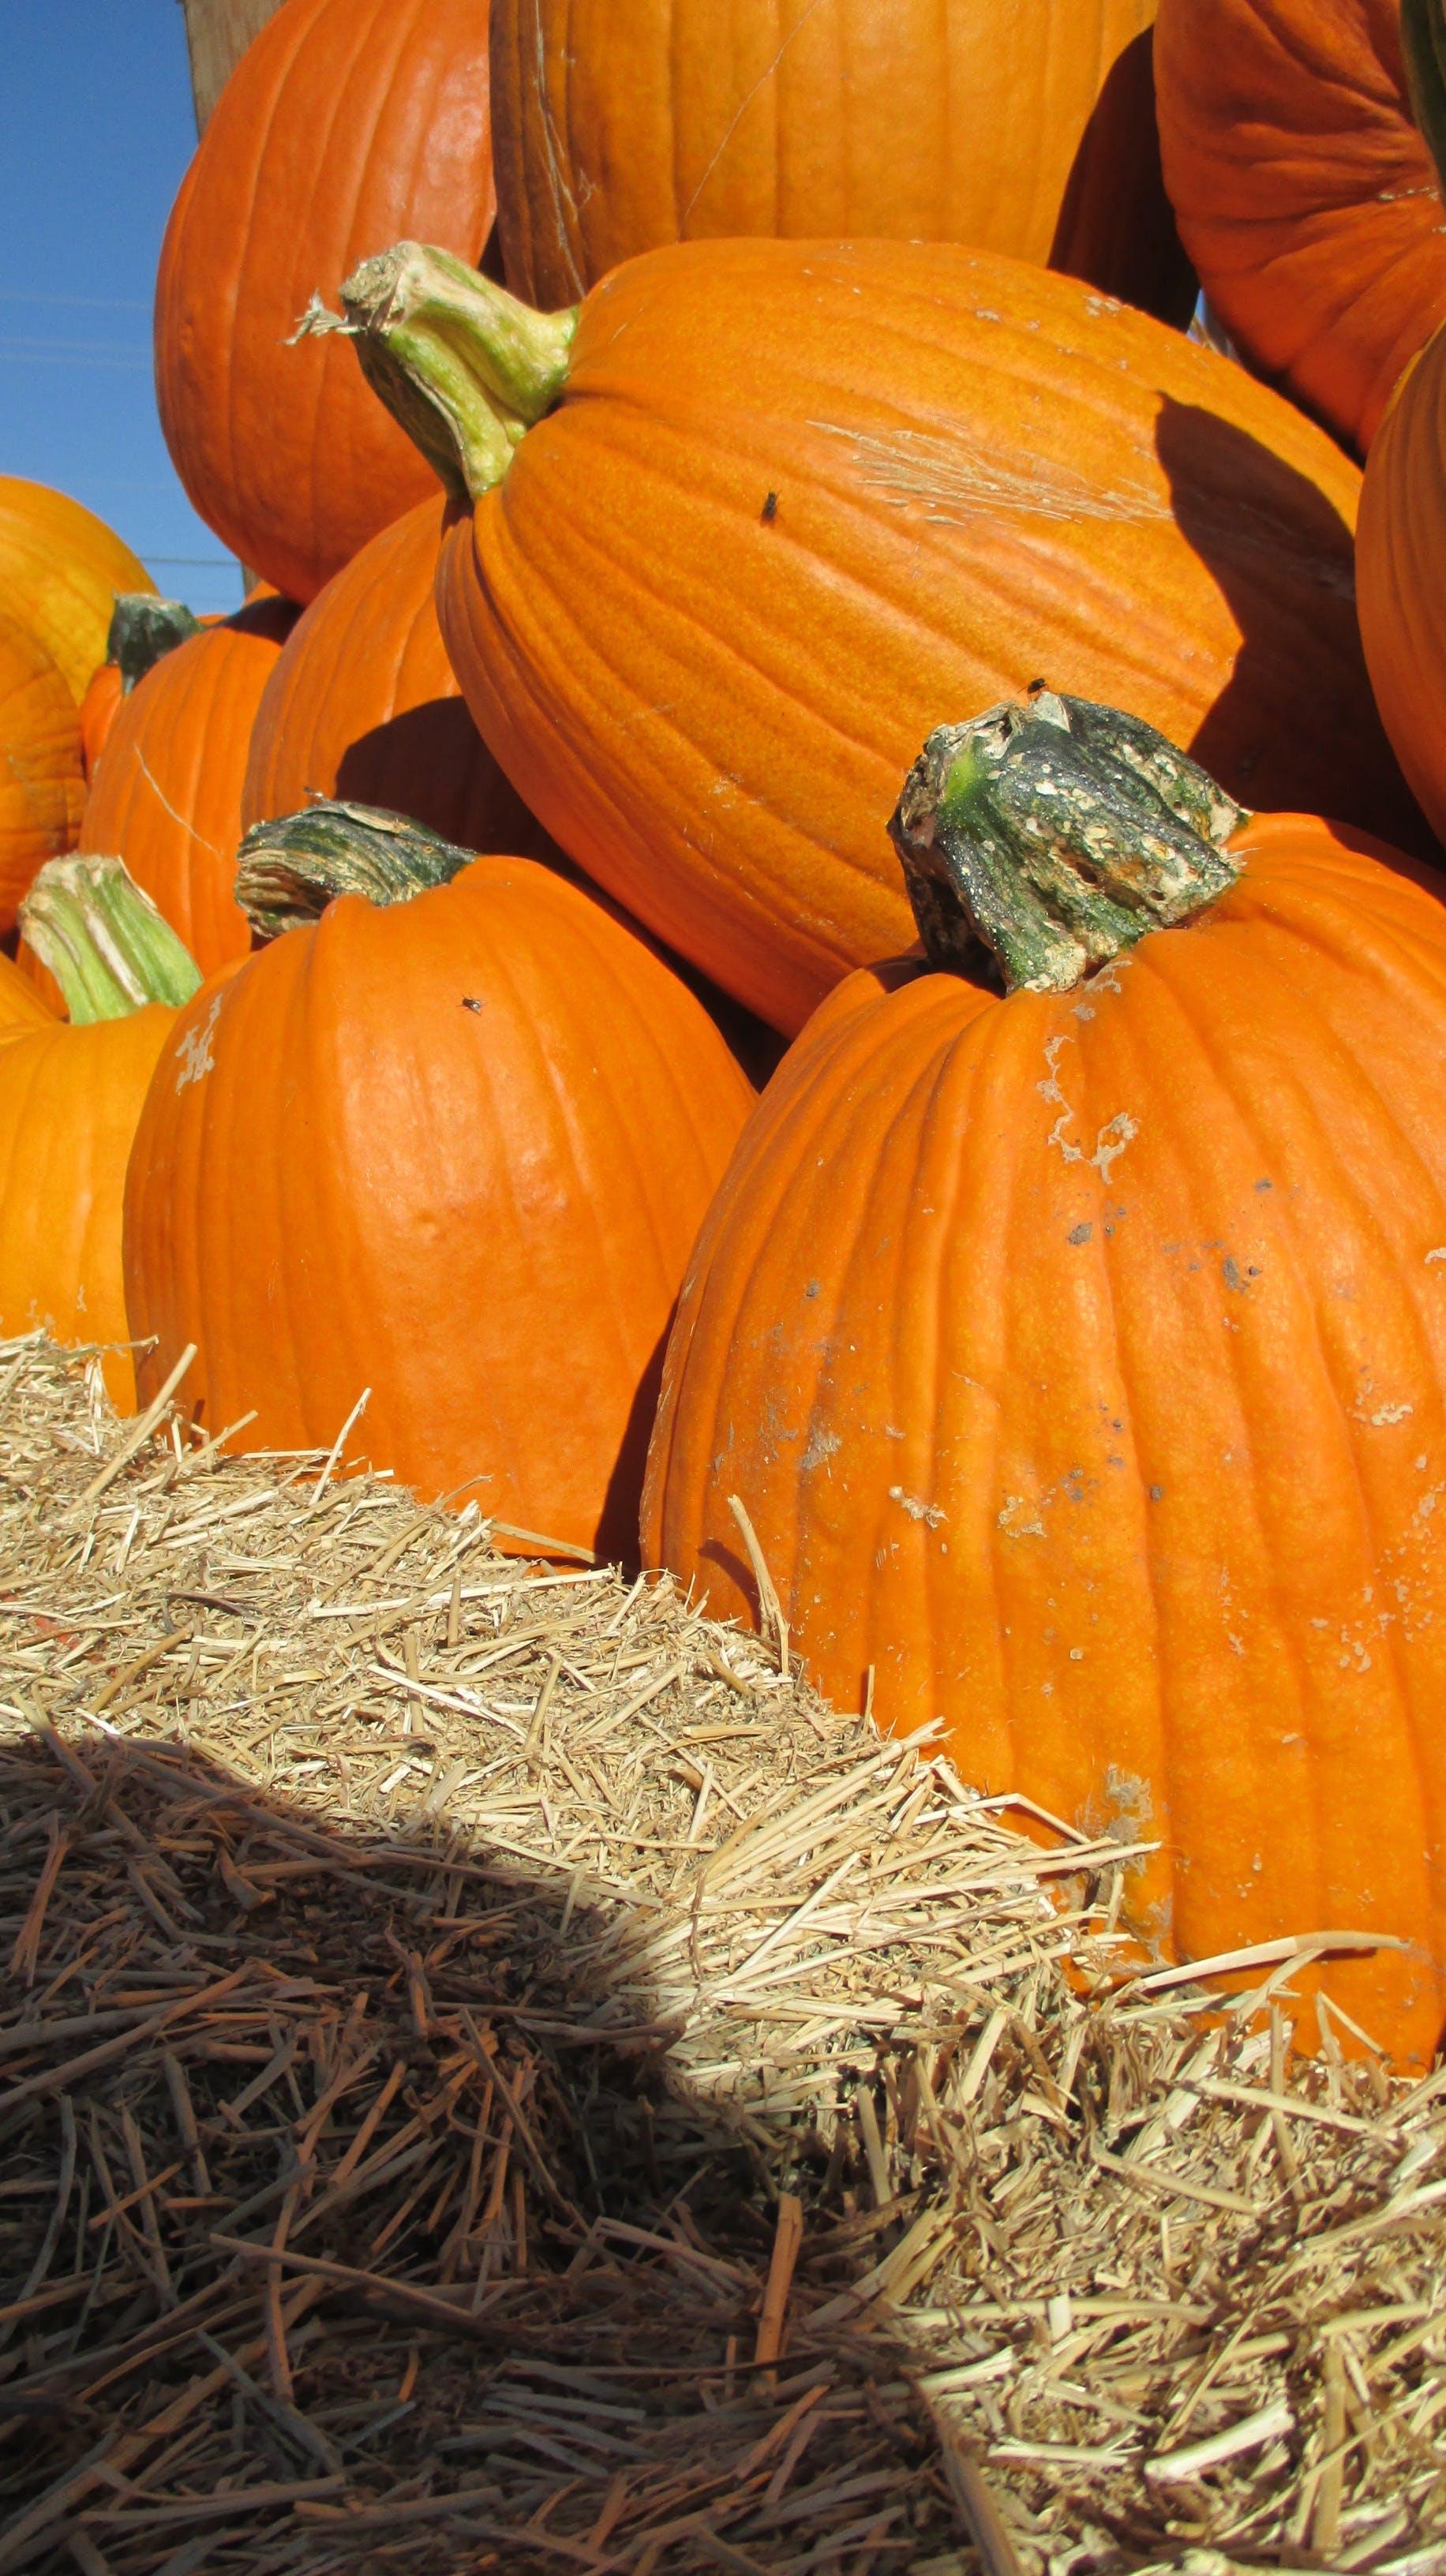 Free stock photo of halloween, harvest, orange, patch